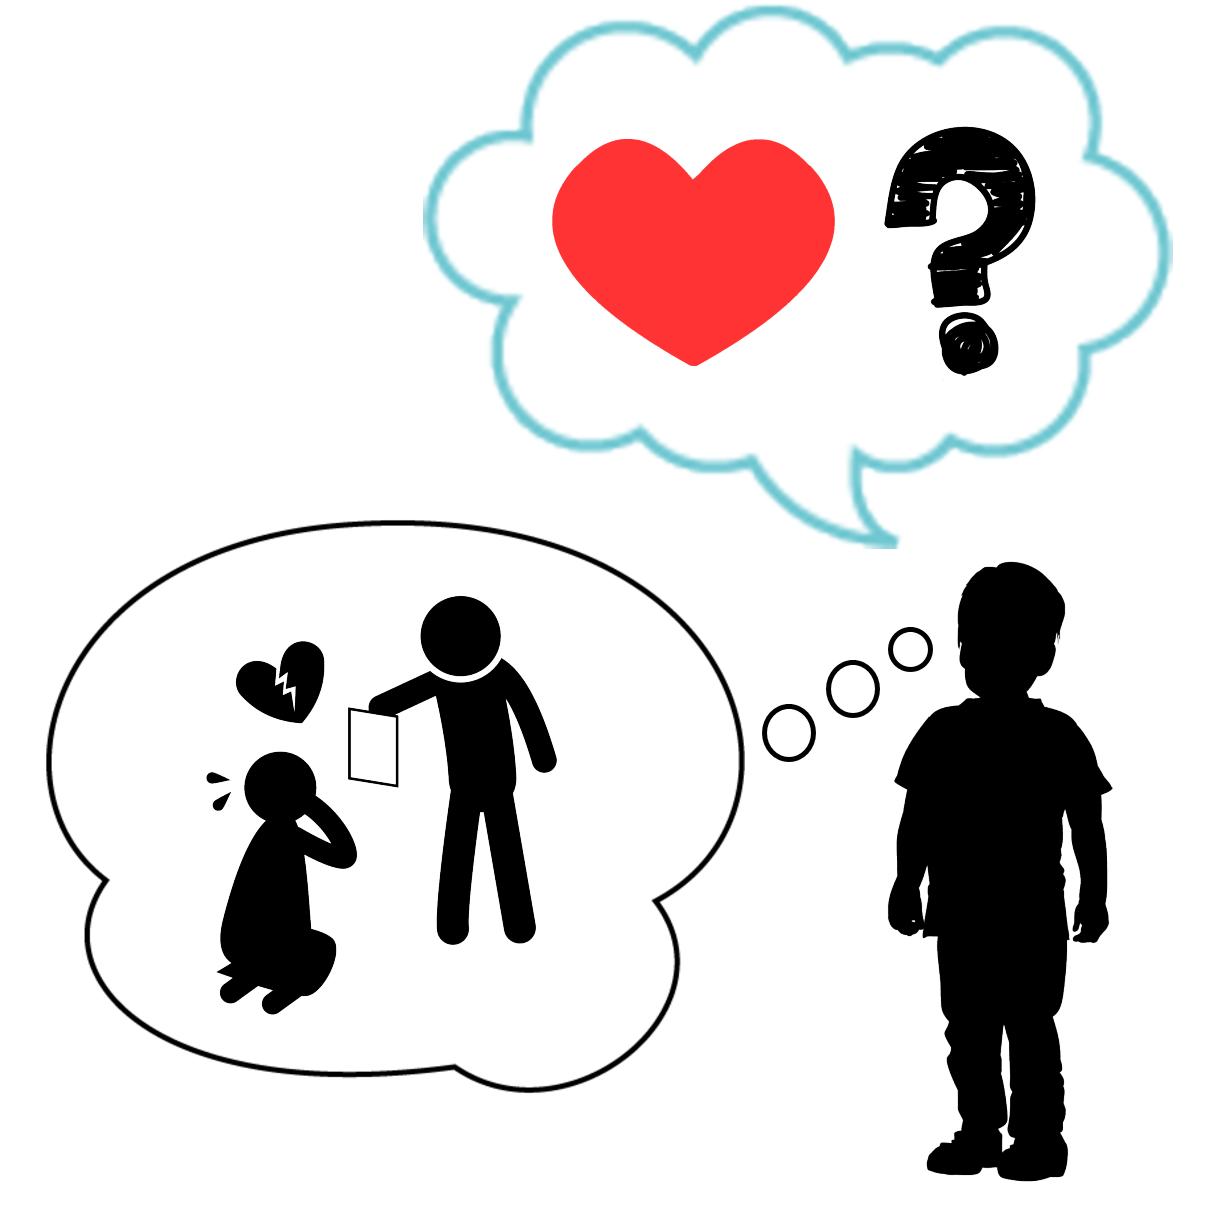 ロストワンタイプの恋愛傾向と機能不全家族の関係を表すイラスト